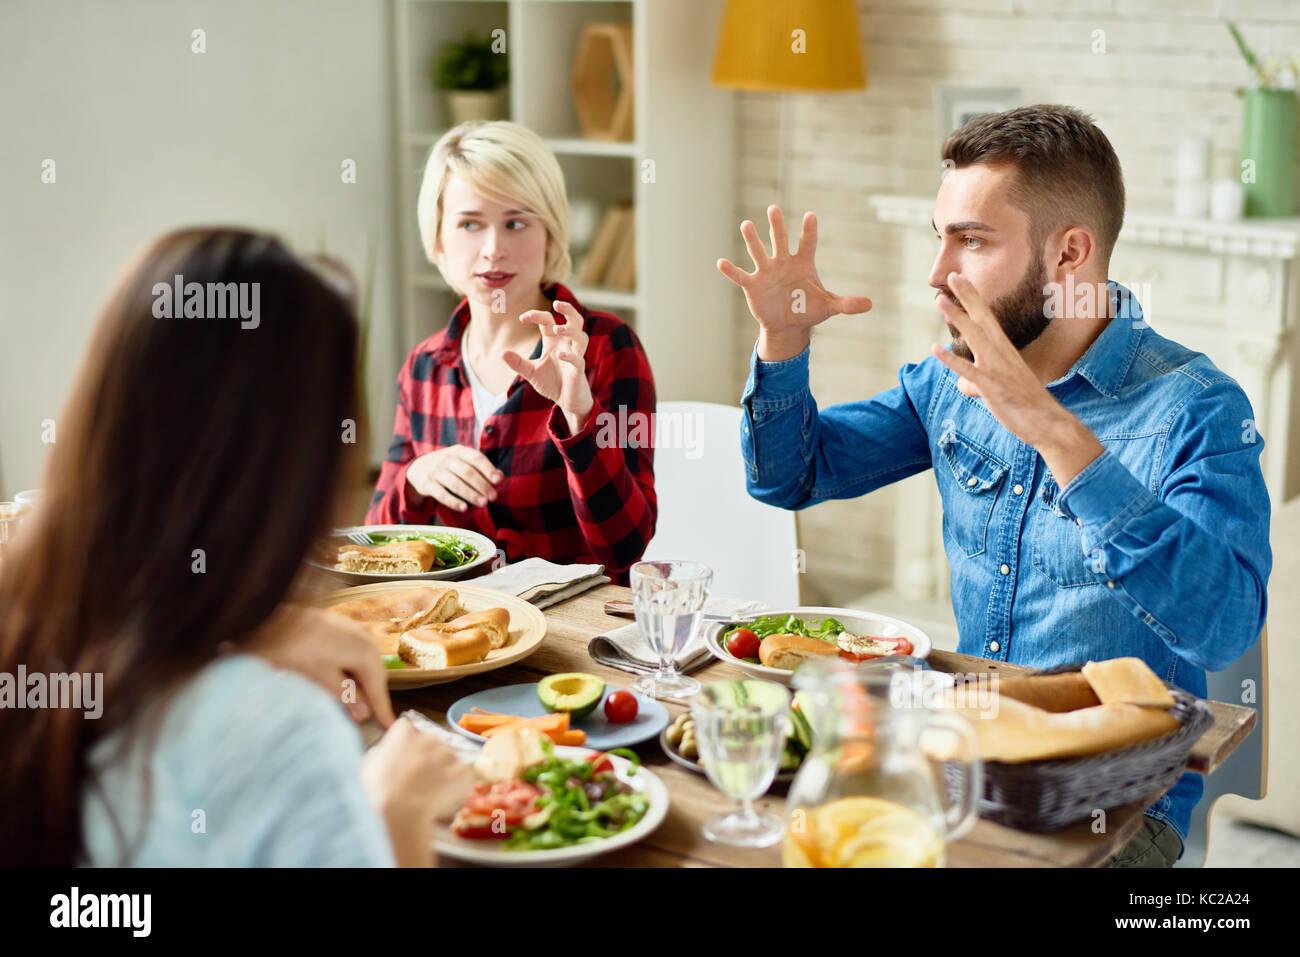 Ritratto di giovani amici di gustare la cena insieme e grande tavola festiva e raccontare storie gesticolando attivamente Immagini Stock